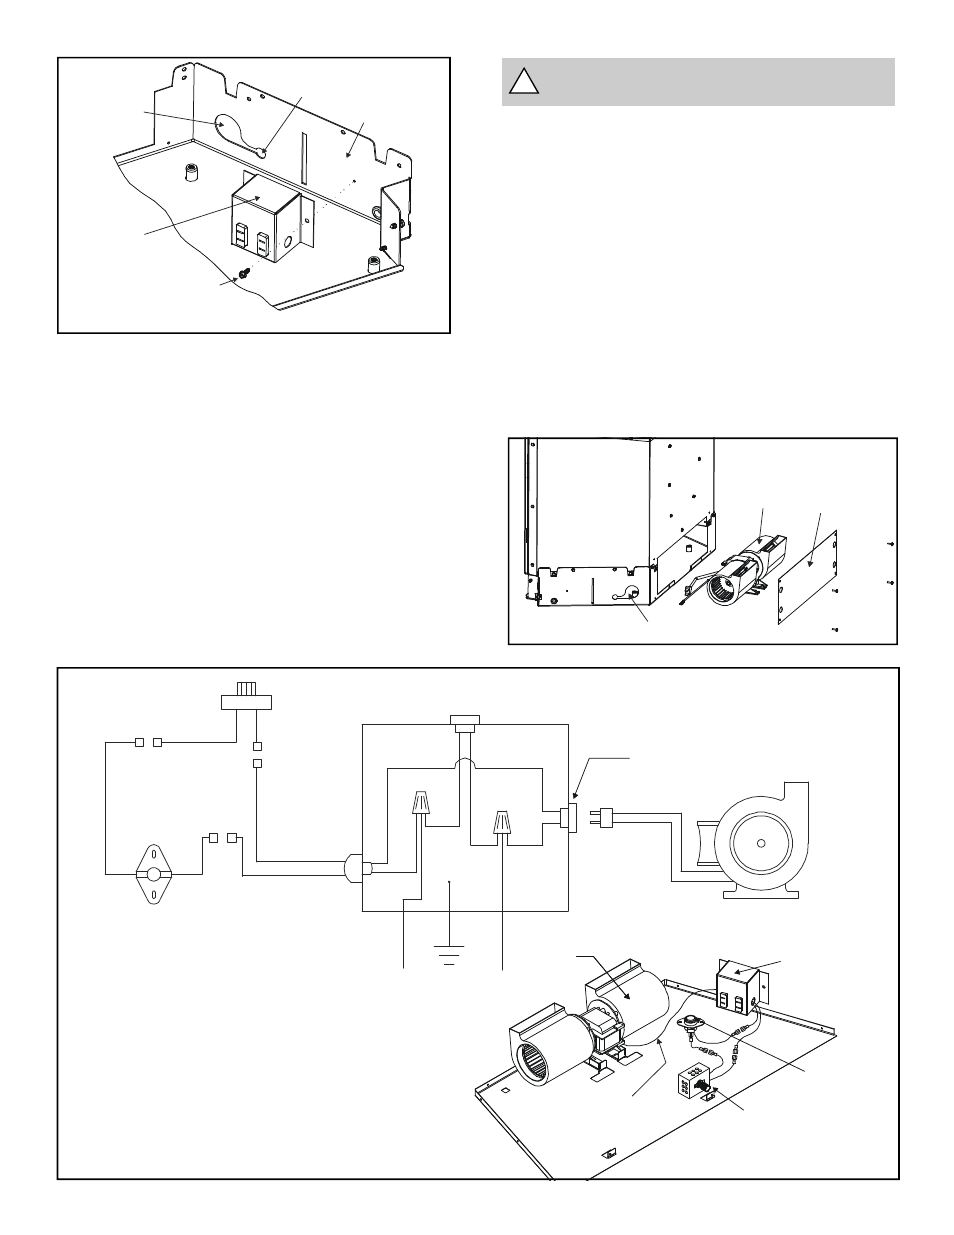 hight resolution of wiring diagram heat glo wiring diagram wiring diagram for heat n glo fireplace figure 10 fan